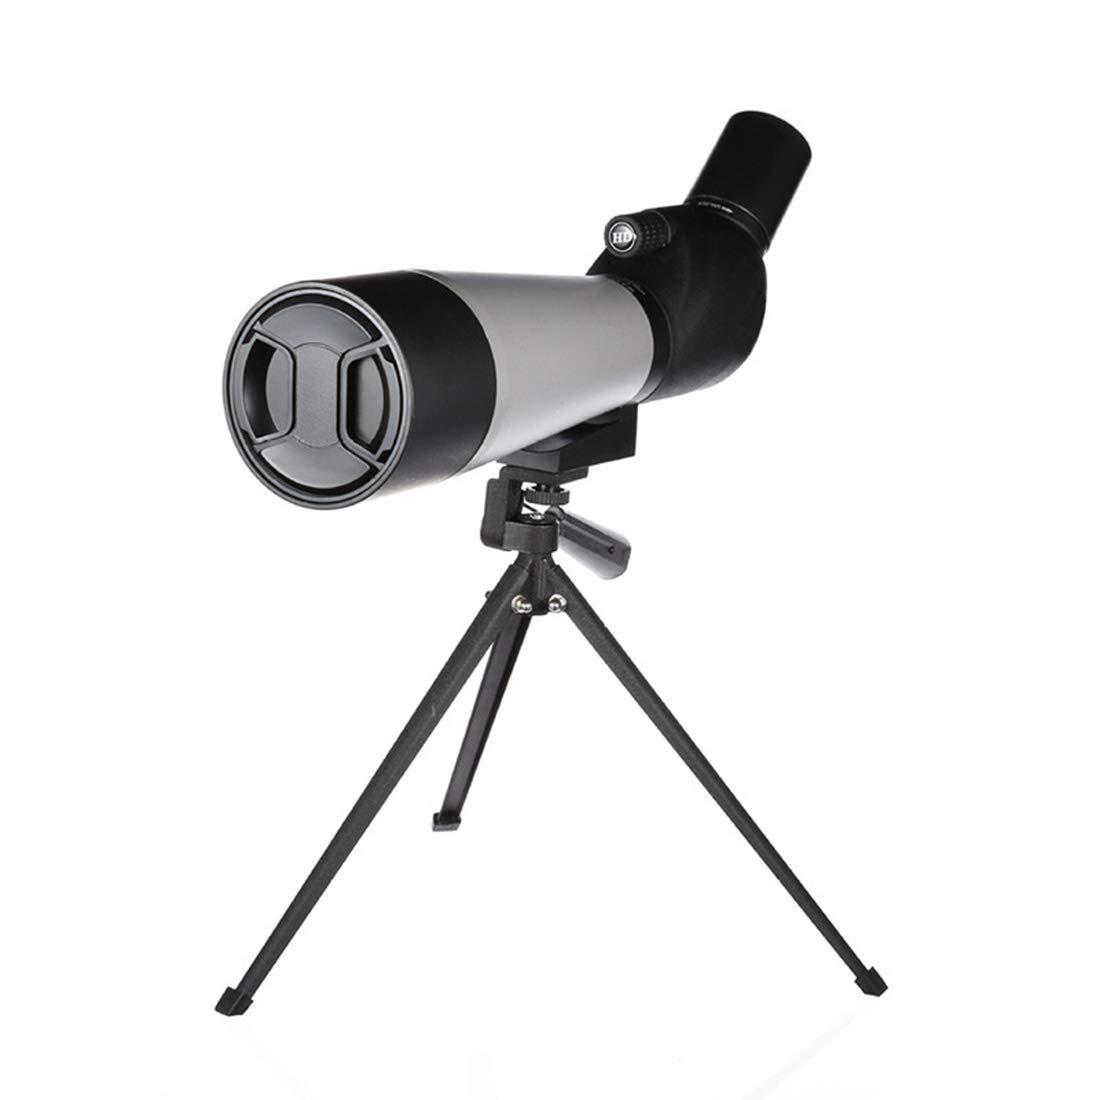 【新作からSALEアイテム等お得な商品満載】 JPAKIOS 屋外使用のための単眼HDズーム低照度ナイトビジョンバードウォッチング望遠鏡 (サイズ : : One B07PLT2ZV9 size) One One Size B07PLT2ZV9, あがっしゃい総本舗:86551ae4 --- vanhavertotgracht.nl